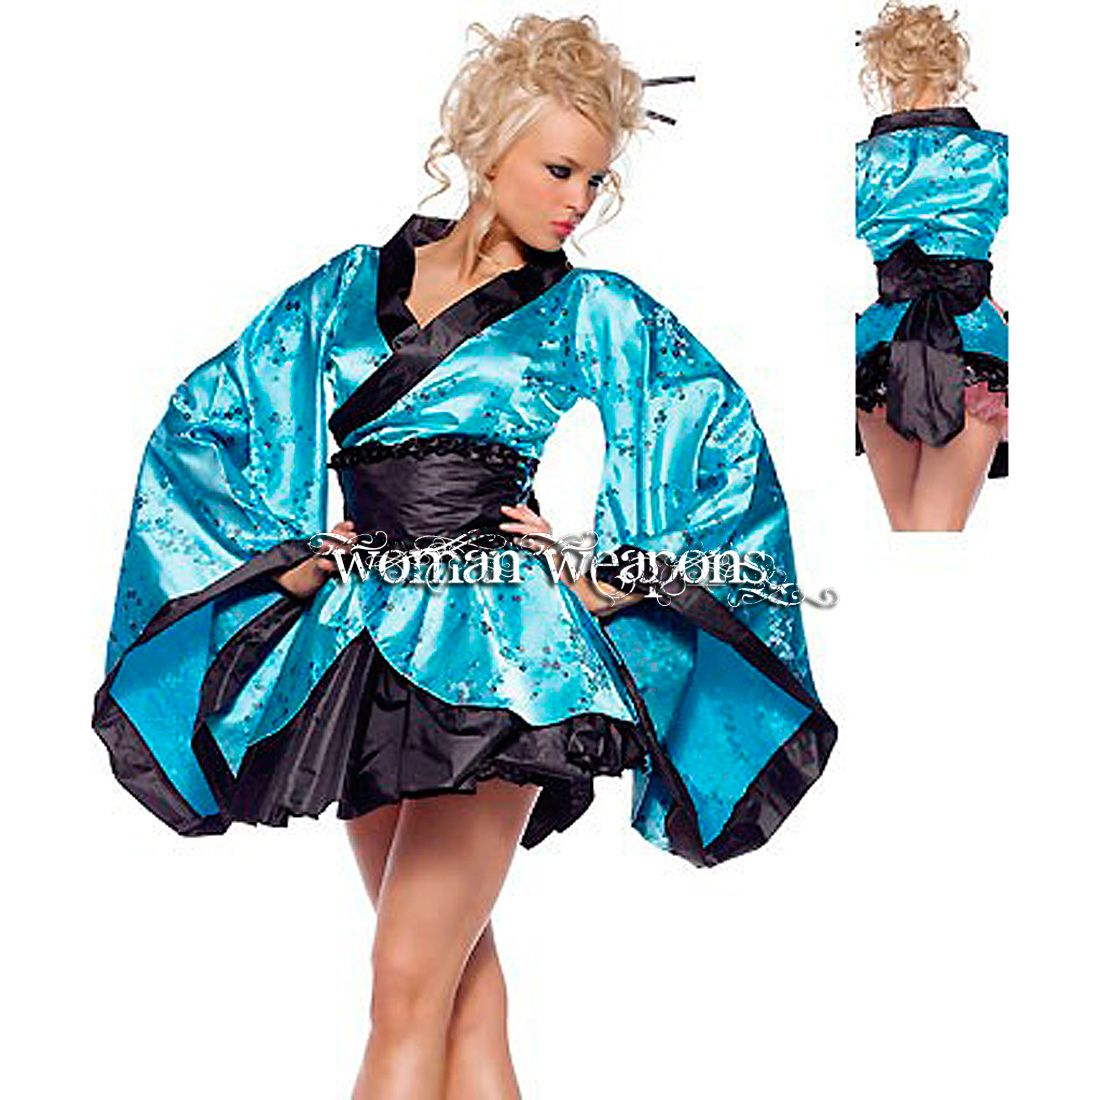 Hoy te recomendamos nuestros disfraces de geisha para #carnaval como este azul y negro http://womanweapons.com/folklore-mundo/1030-disfraz-geisha-azul-1990.html Todos nuestros disfraces en http://womanweapons.com/20-disfraces ¡¡¡Date prisa y pide el tuyo antes del 2 de febrero para tenerlo a tiempo!!! Consúltanos cualquier duda :)